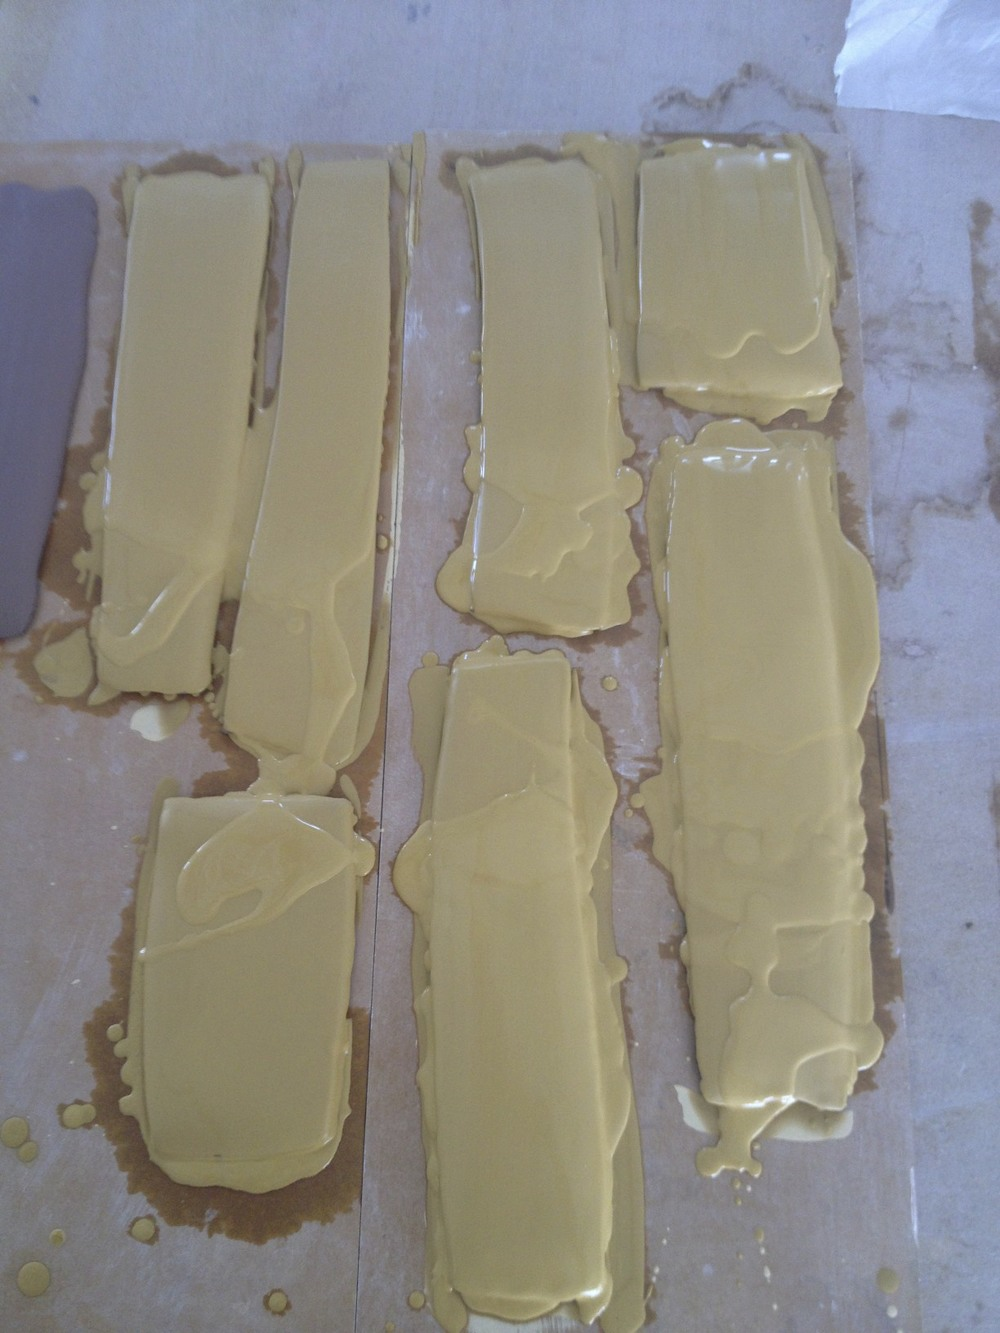 ...yellow ochre slip on long/strip tiles.....